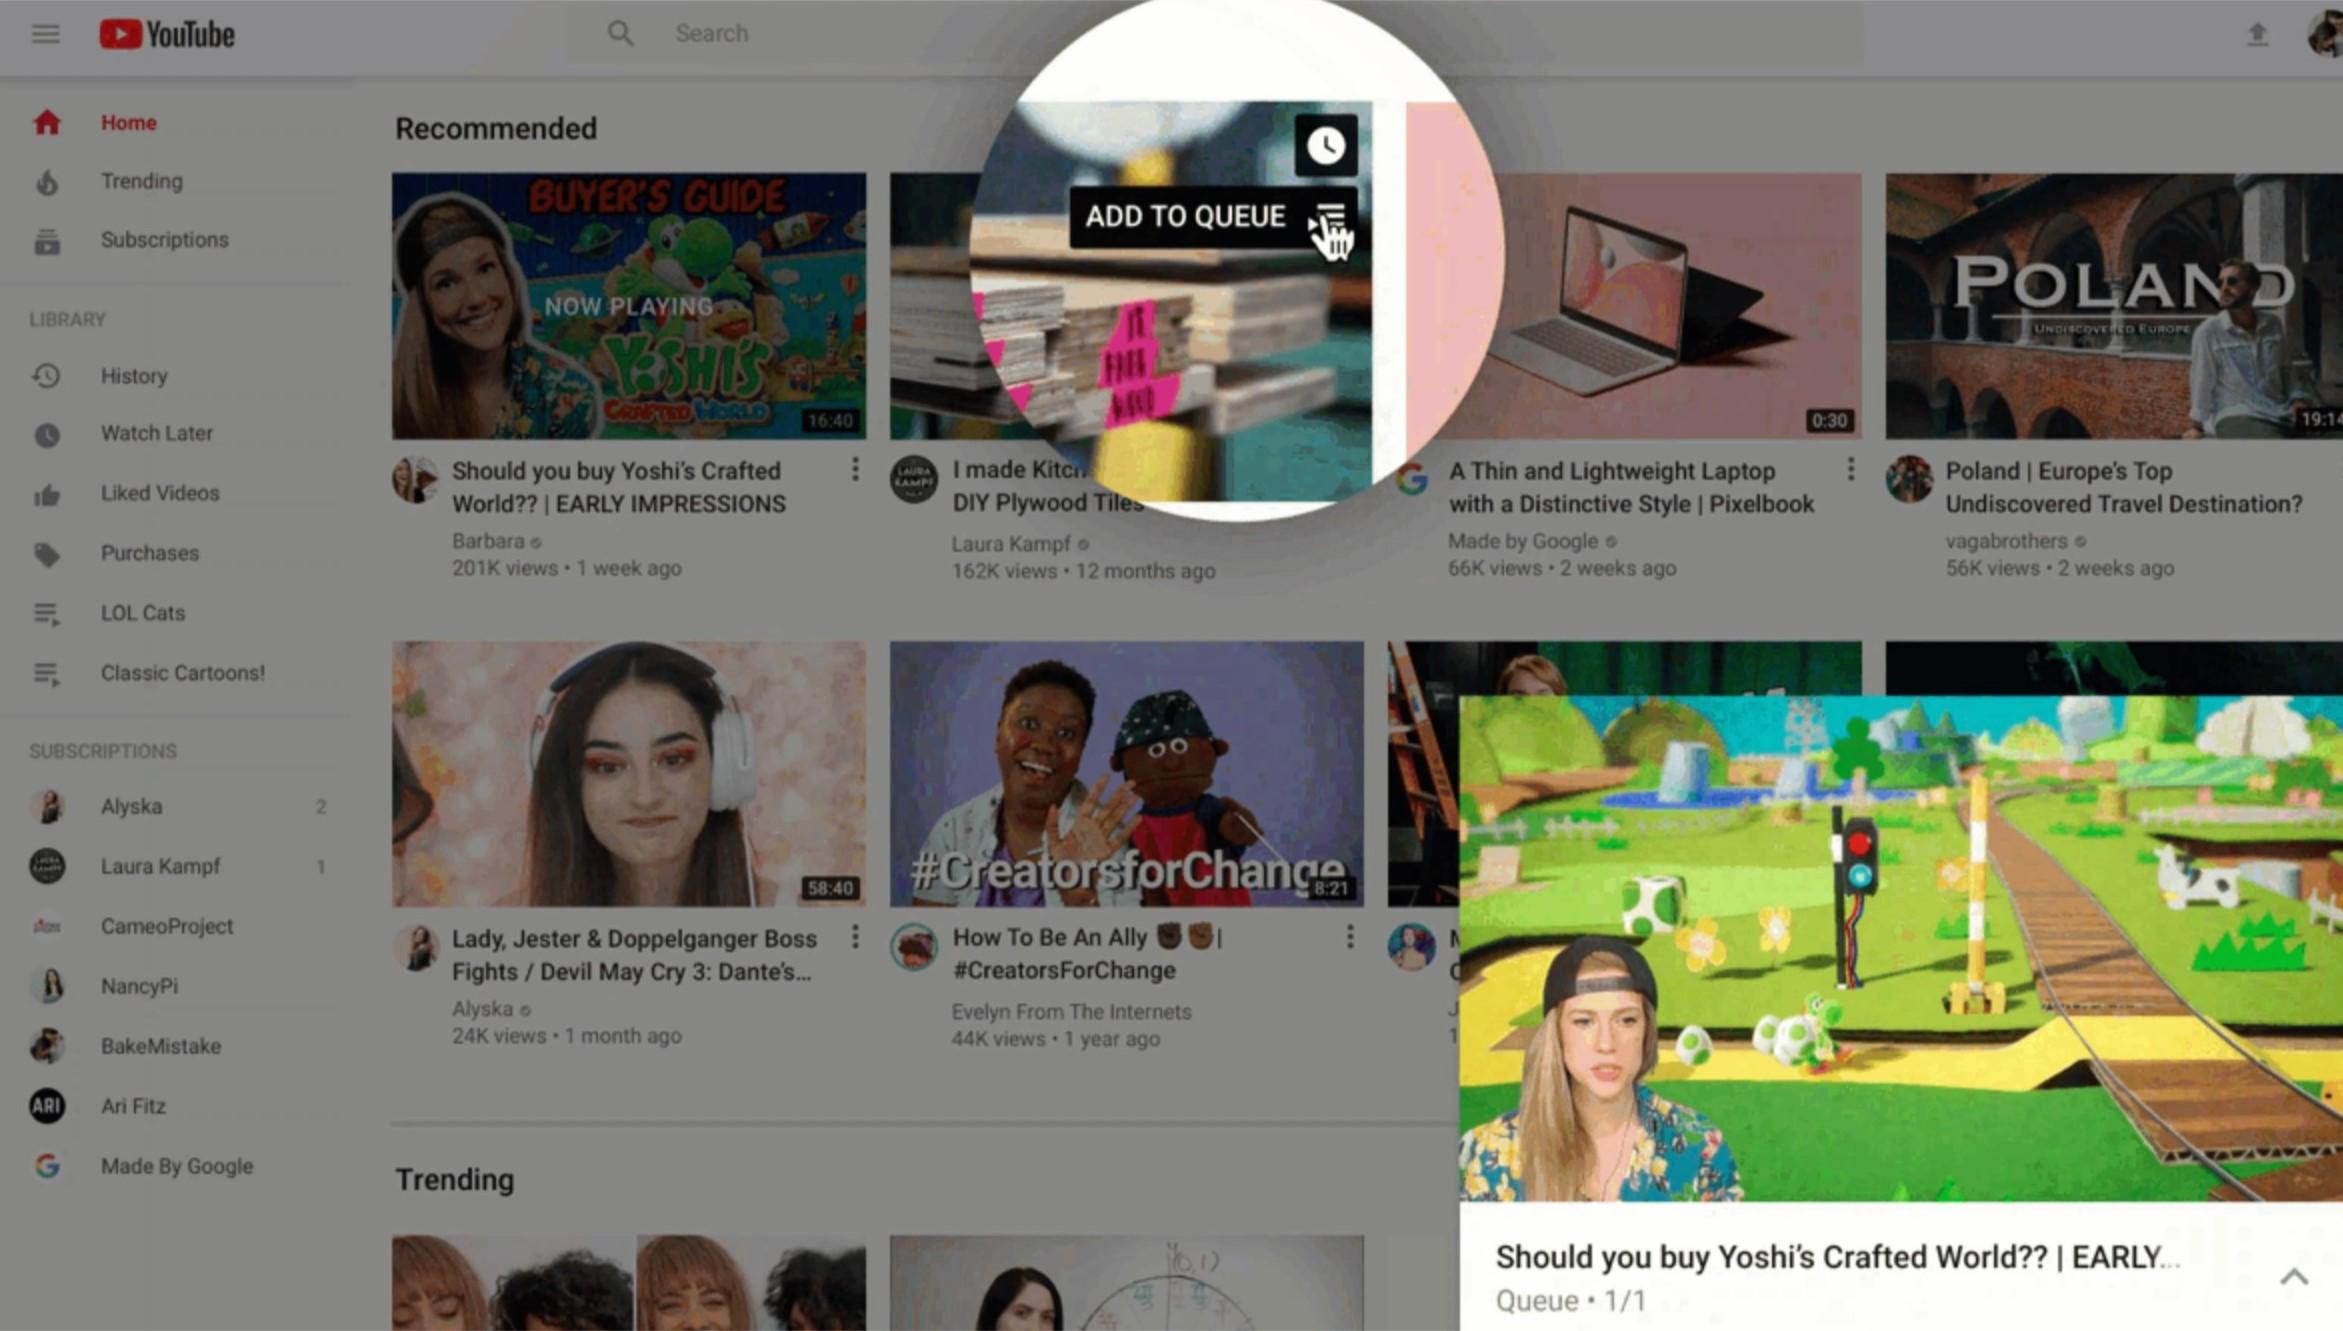 Nowy wygląd YouTube'a na komputerach i tabletach. Jest bardziej przejrzyście